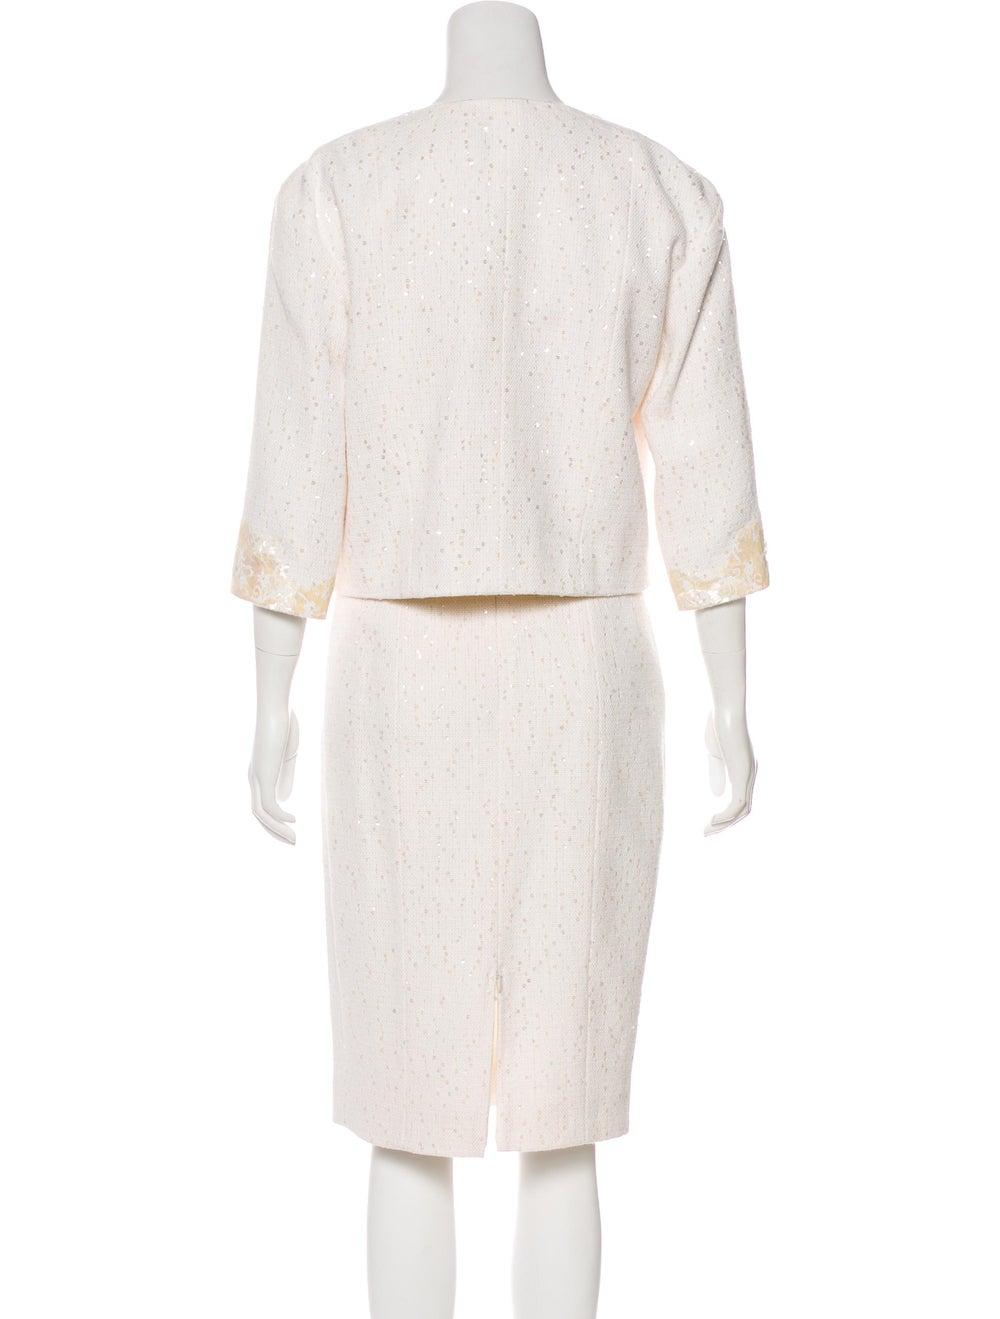 Chanel Embellished Tweed Dress Set - image 3